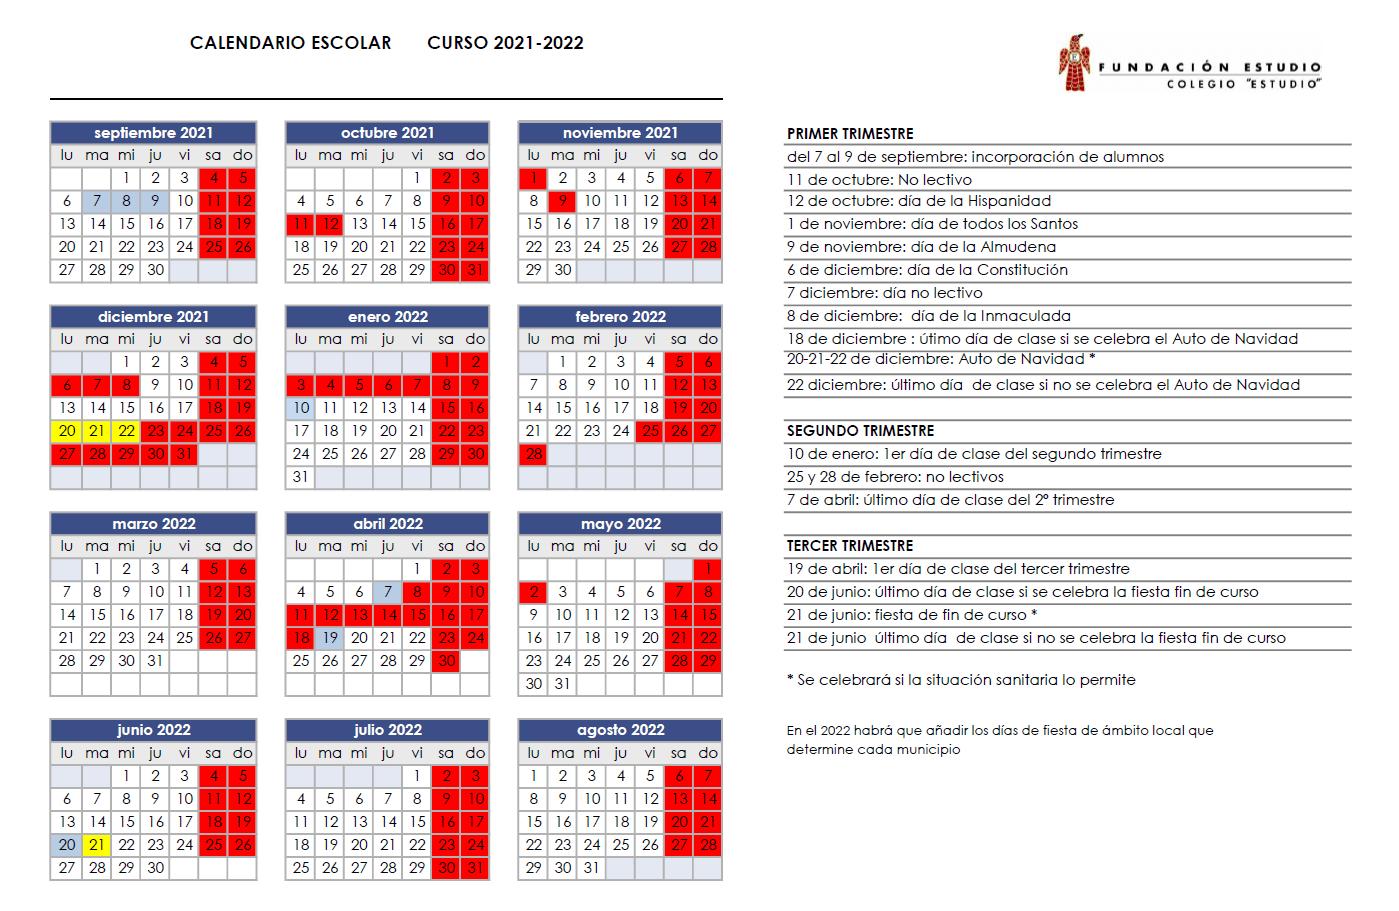 Calendario Escolar Calendario Factoria Estudio